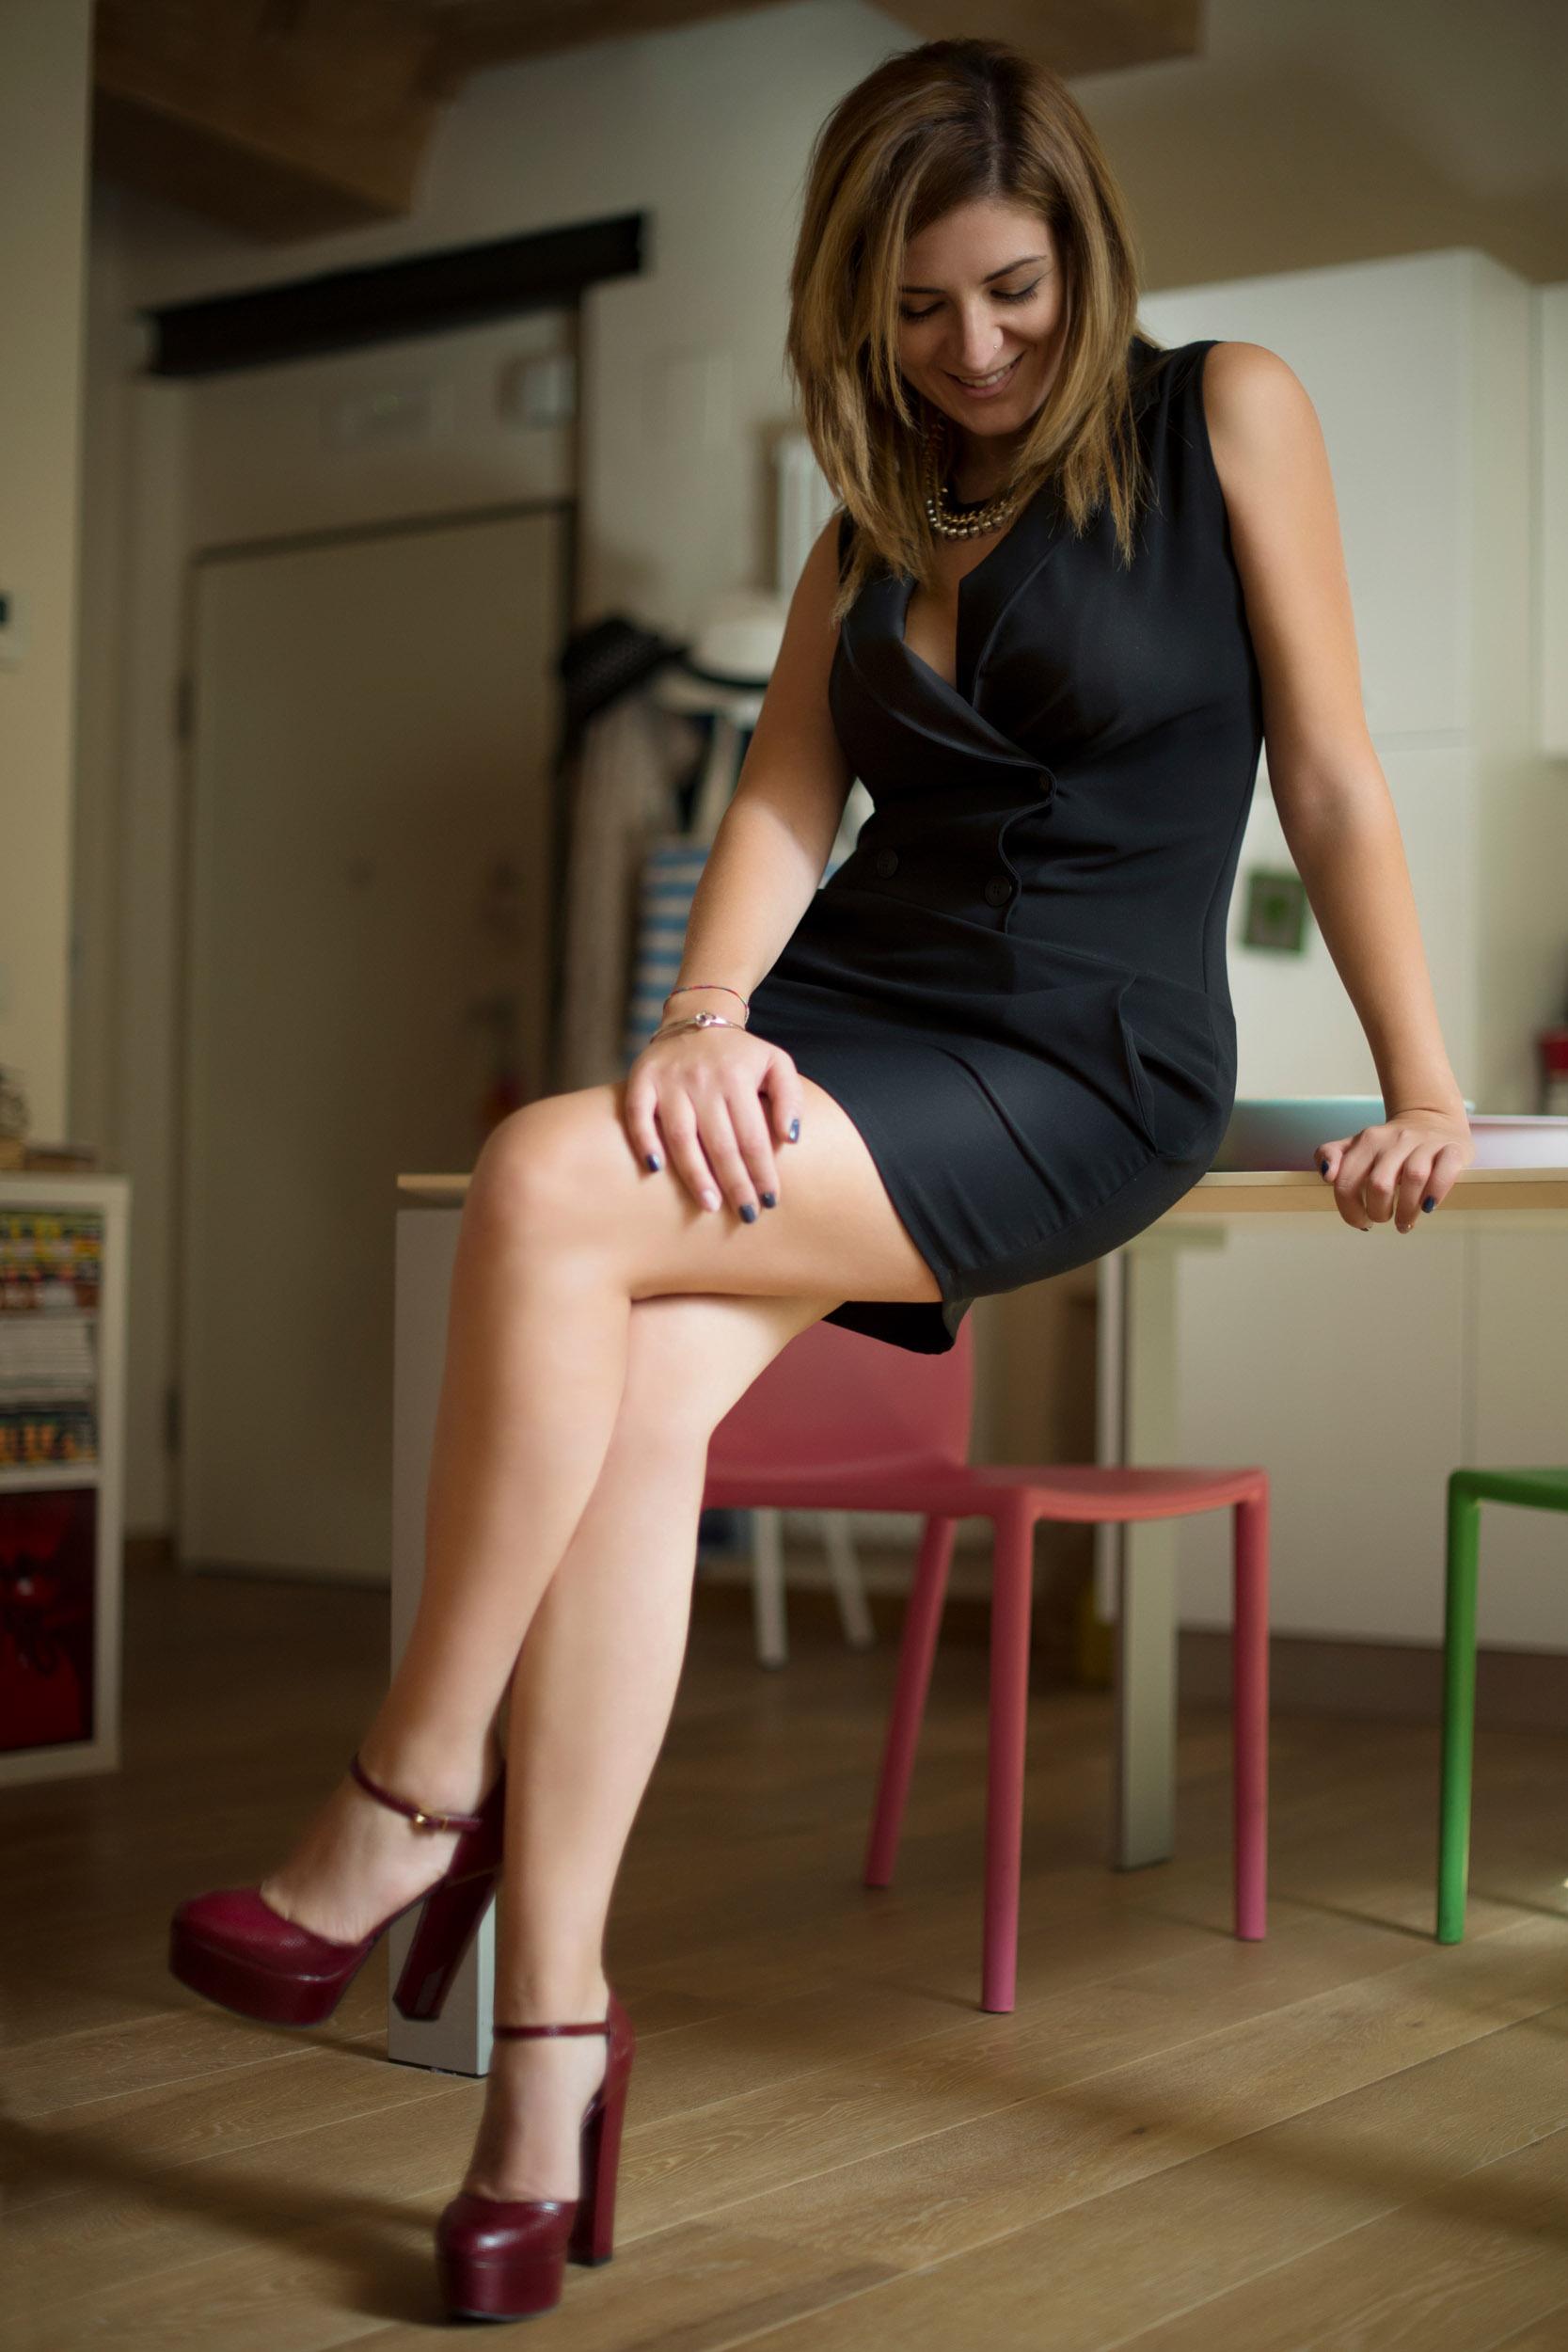 Categorie: Portrait|, |Fashion|, |Glamour - Ph: FRANCO FASCIOLO - Model: LUCIA BONCORI - Location: Ascoli Piceno, AP, Italia